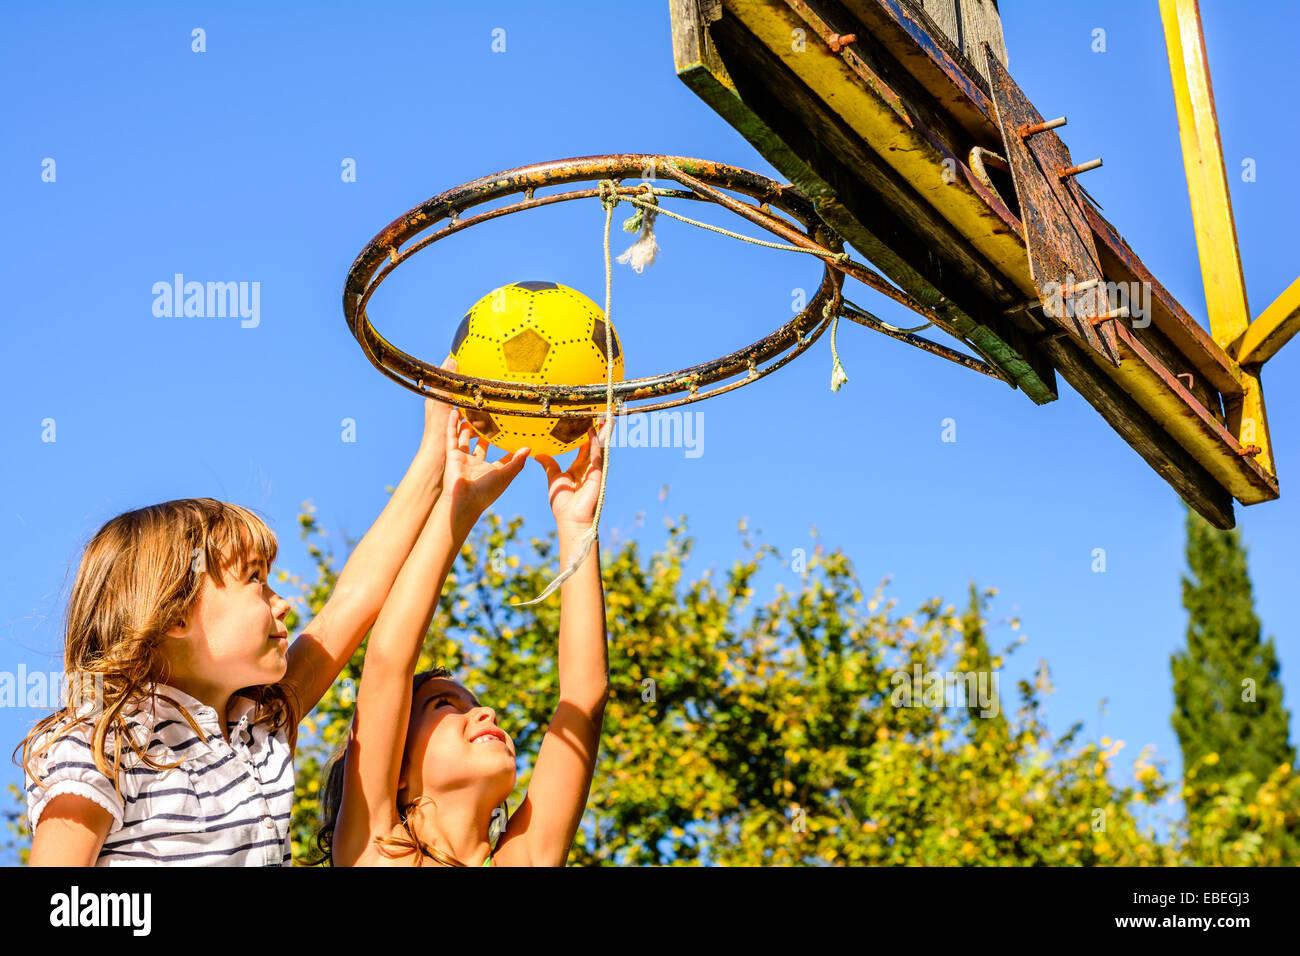 Dos niñas de siete años jugando baloncesto al aire libre Imagen De Stock